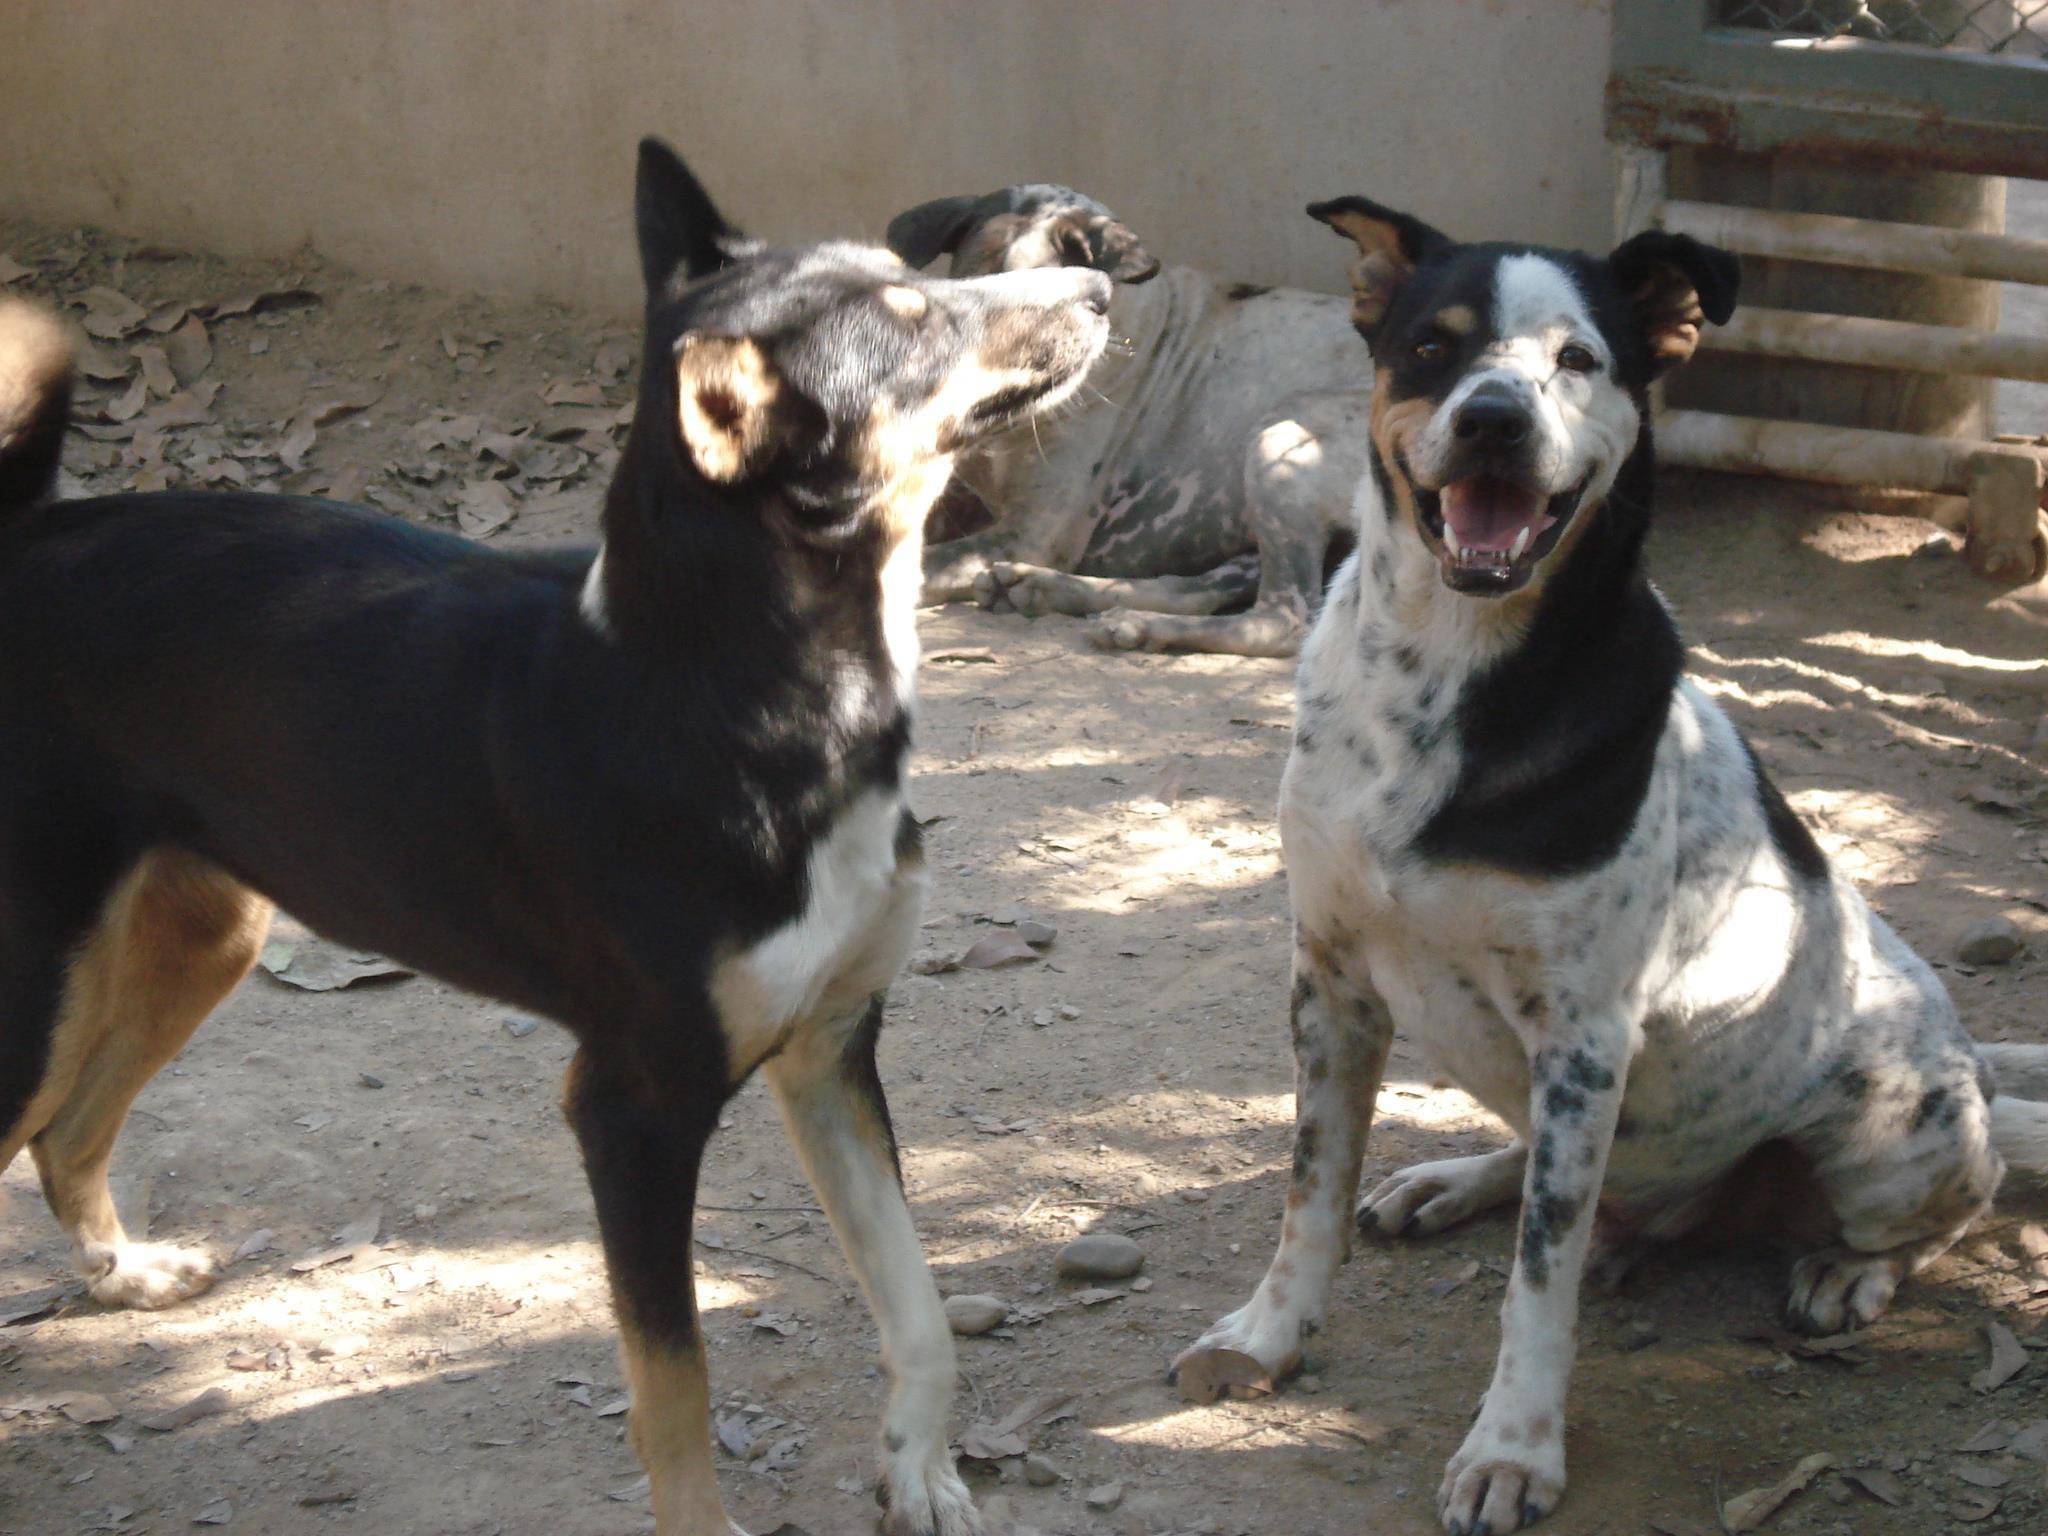 Santisook Dog and Cat Rescue Vegan Traveler Reviews - Vegan